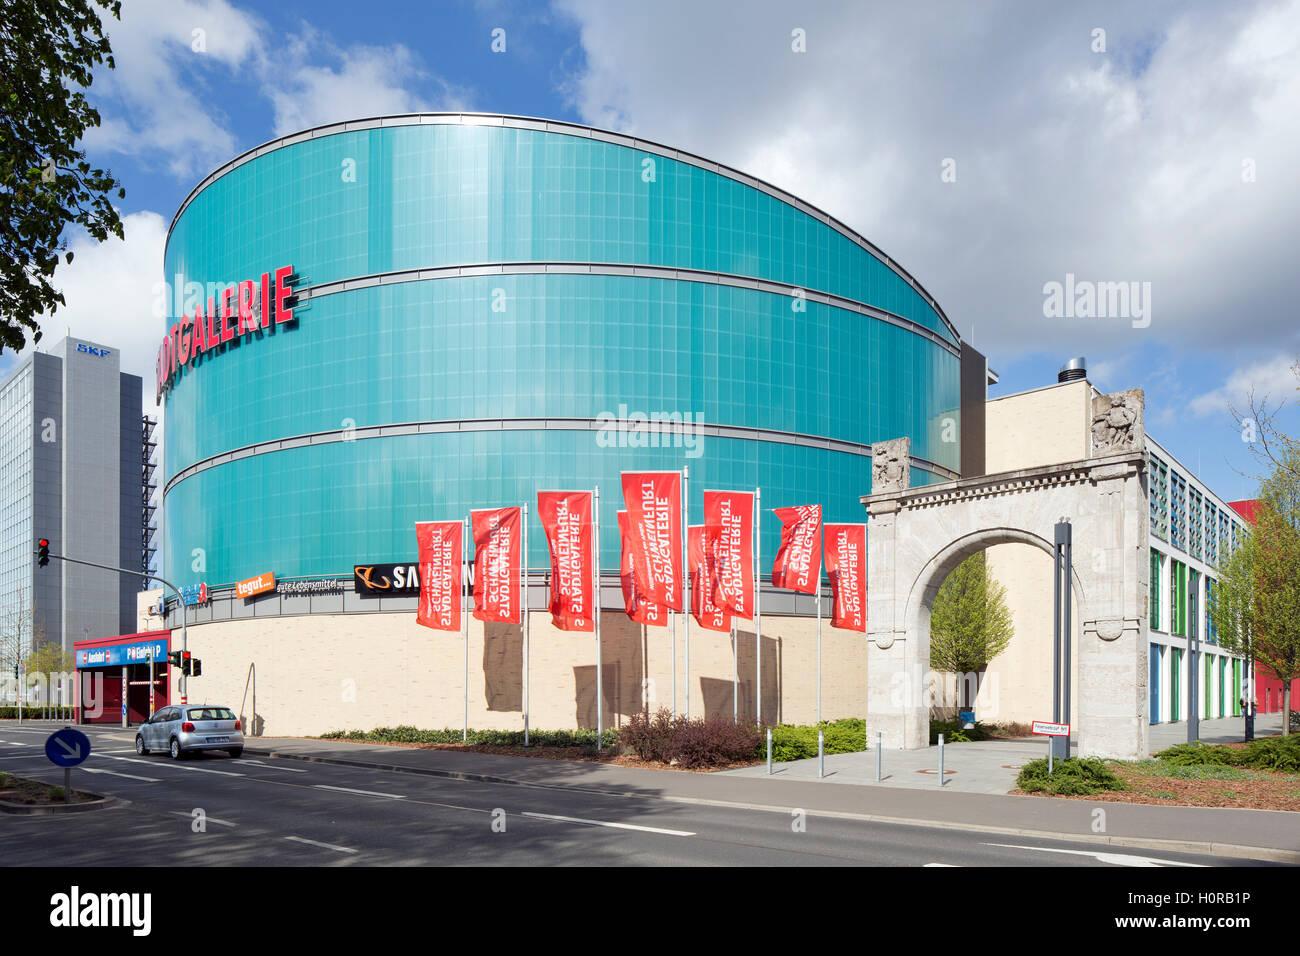 Einkaufszentrum Stadtgalerie in Schweinfurt, erbaut 2007-09 auf dem Gelände einer innenstadtnahen  Industriebrache - Stock Image